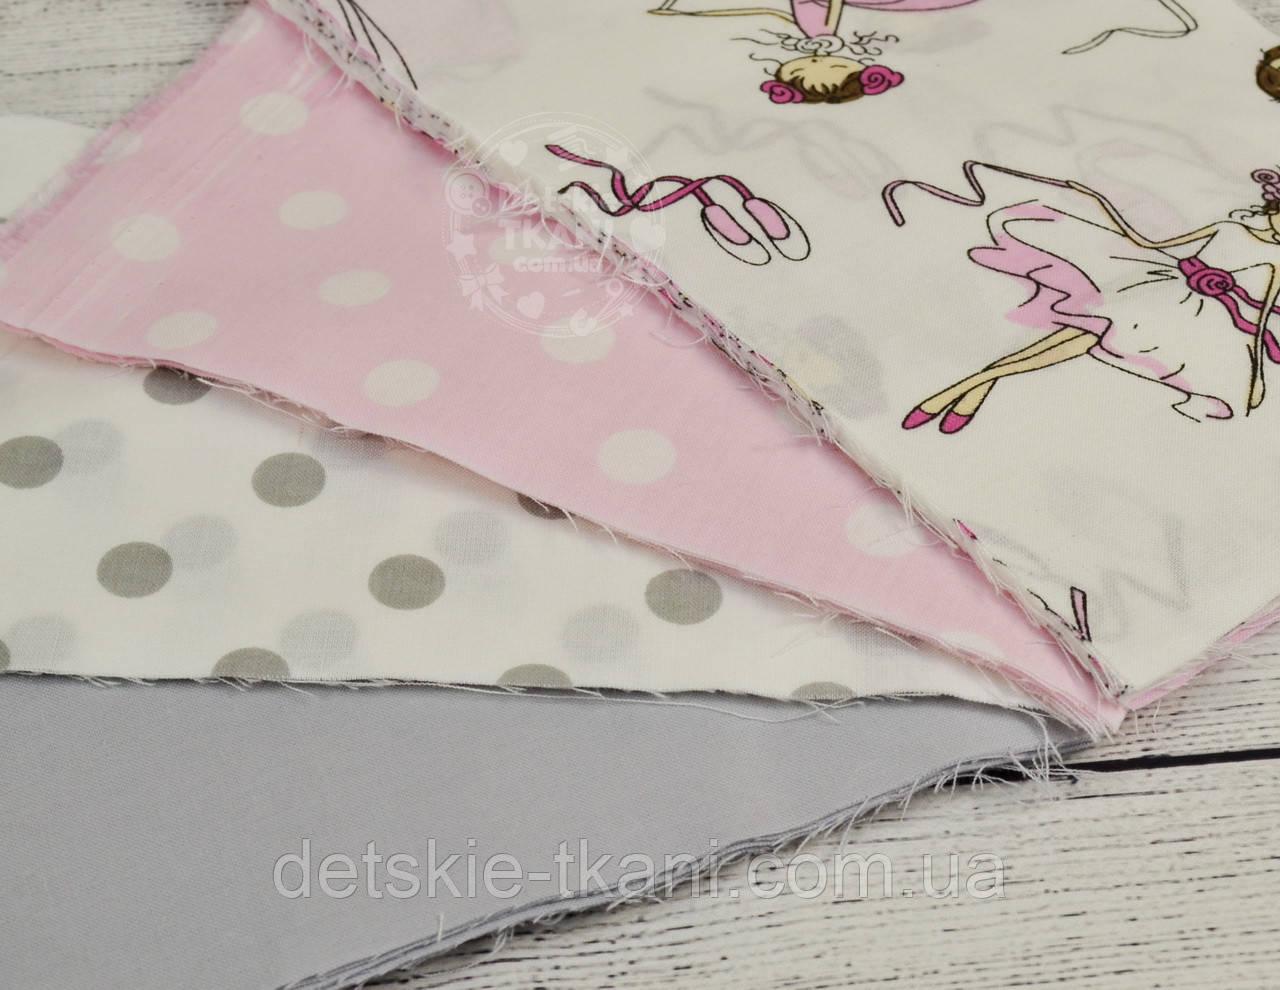 Набор для пэчворка из лоскутов тканей серо-розового цвета №72